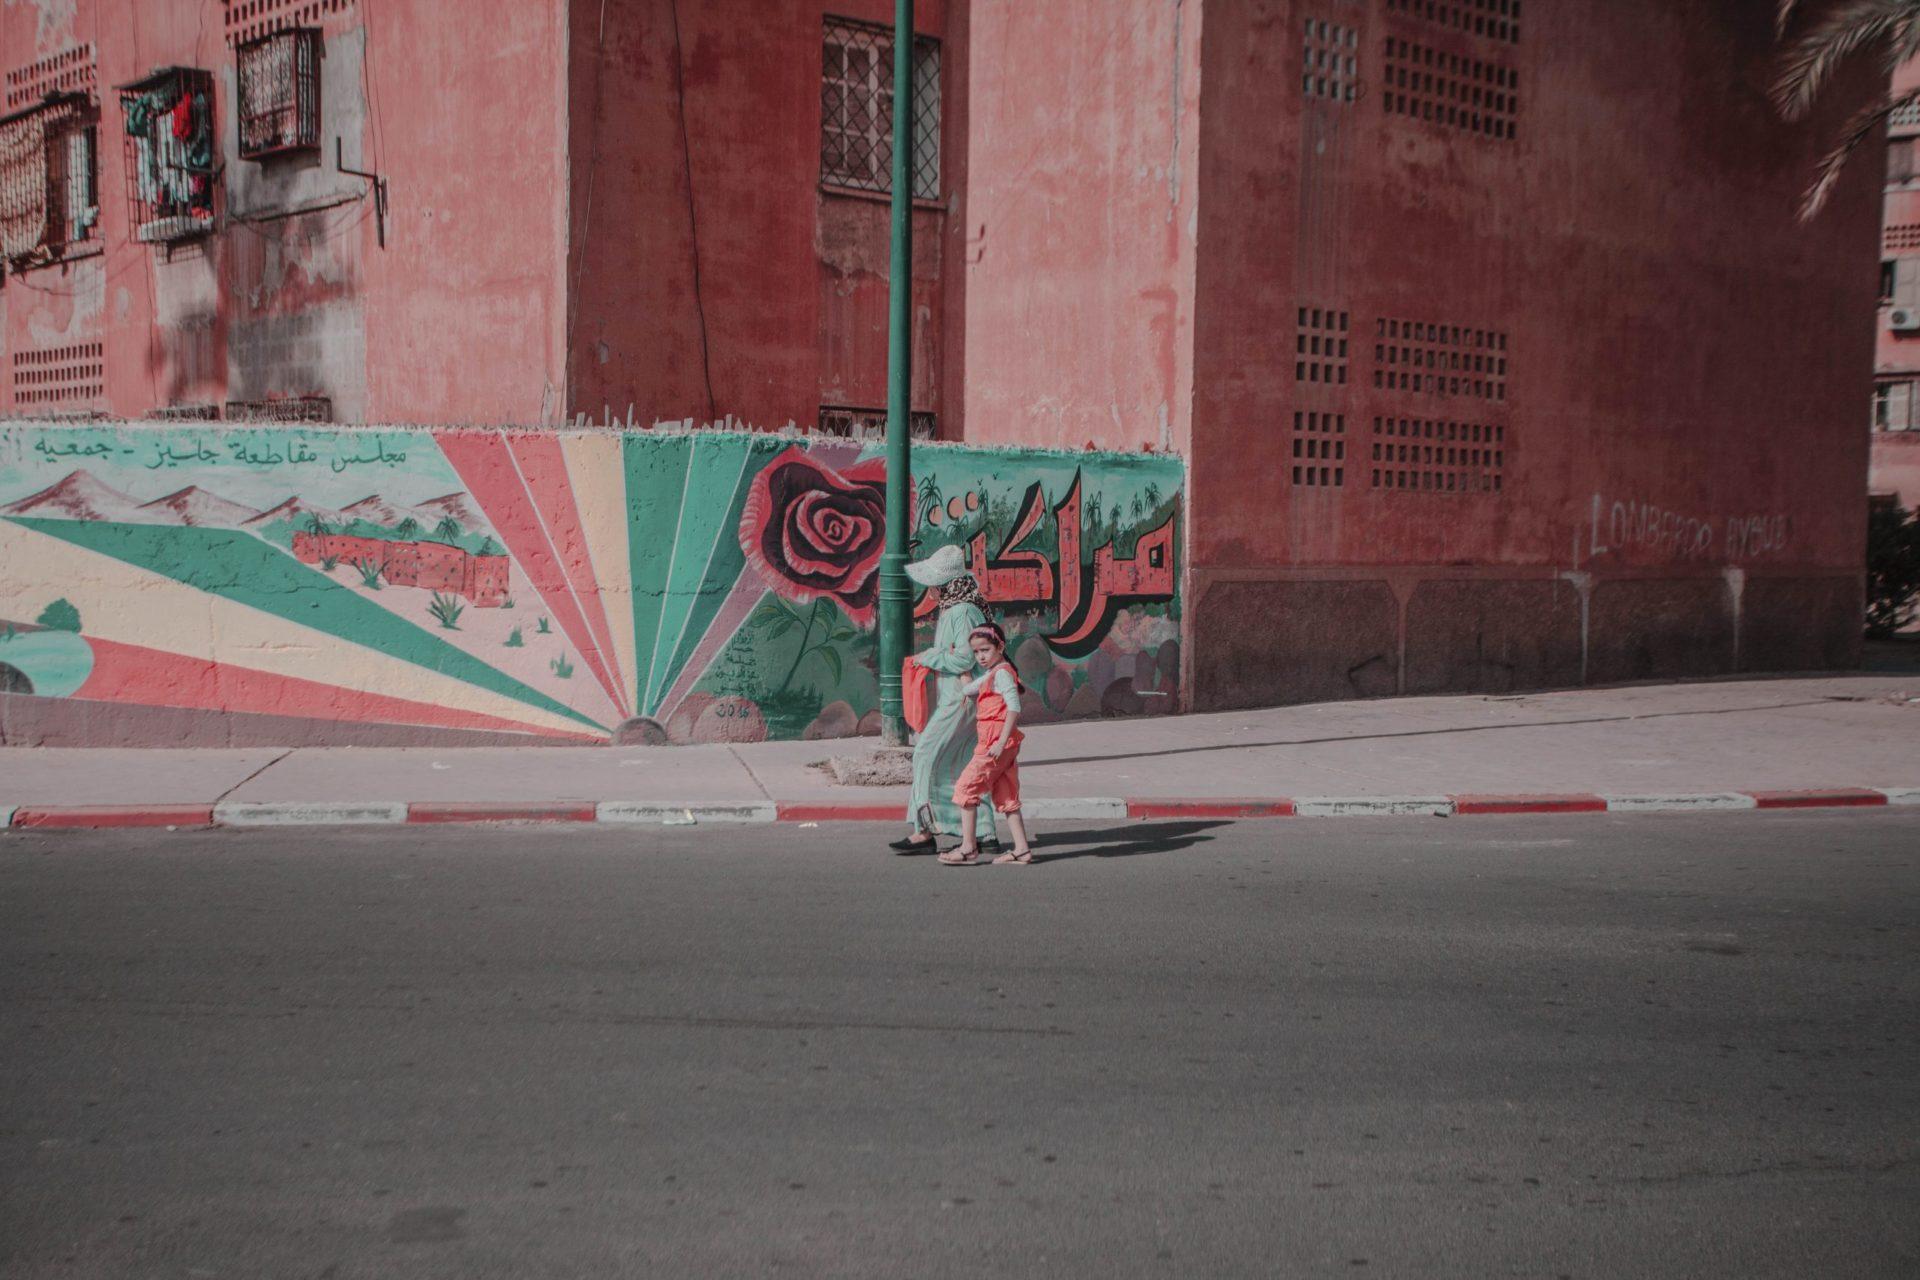 IMG 7988 scaled - Milano Photofestival